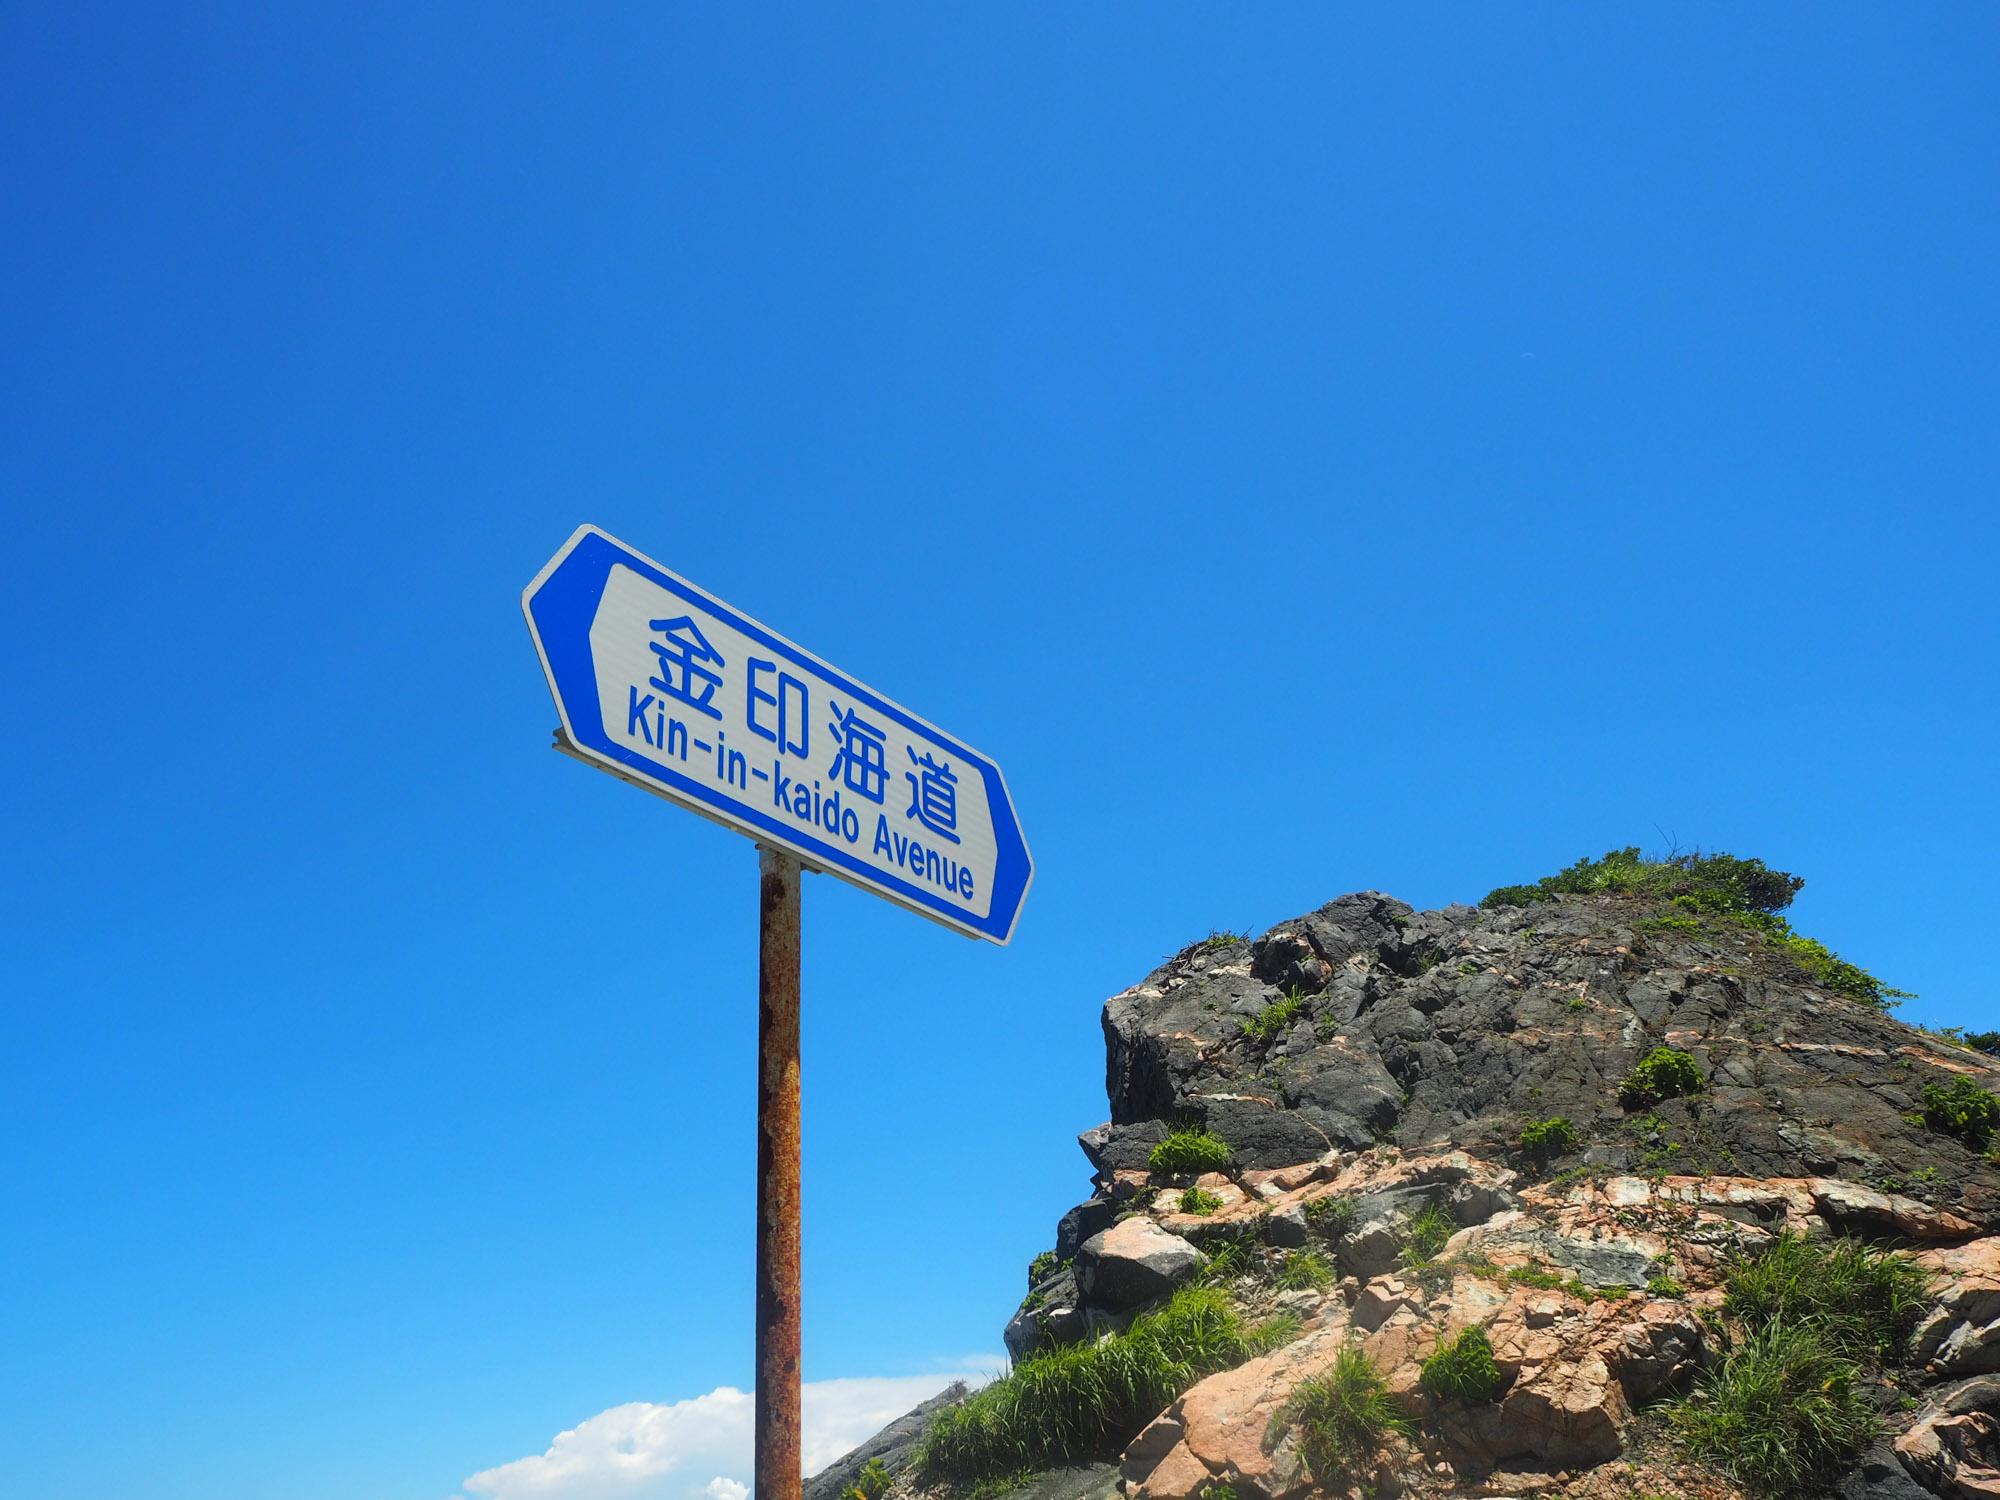 満帆荘を出て、金印街道を進み、島の東側へと向かいます。